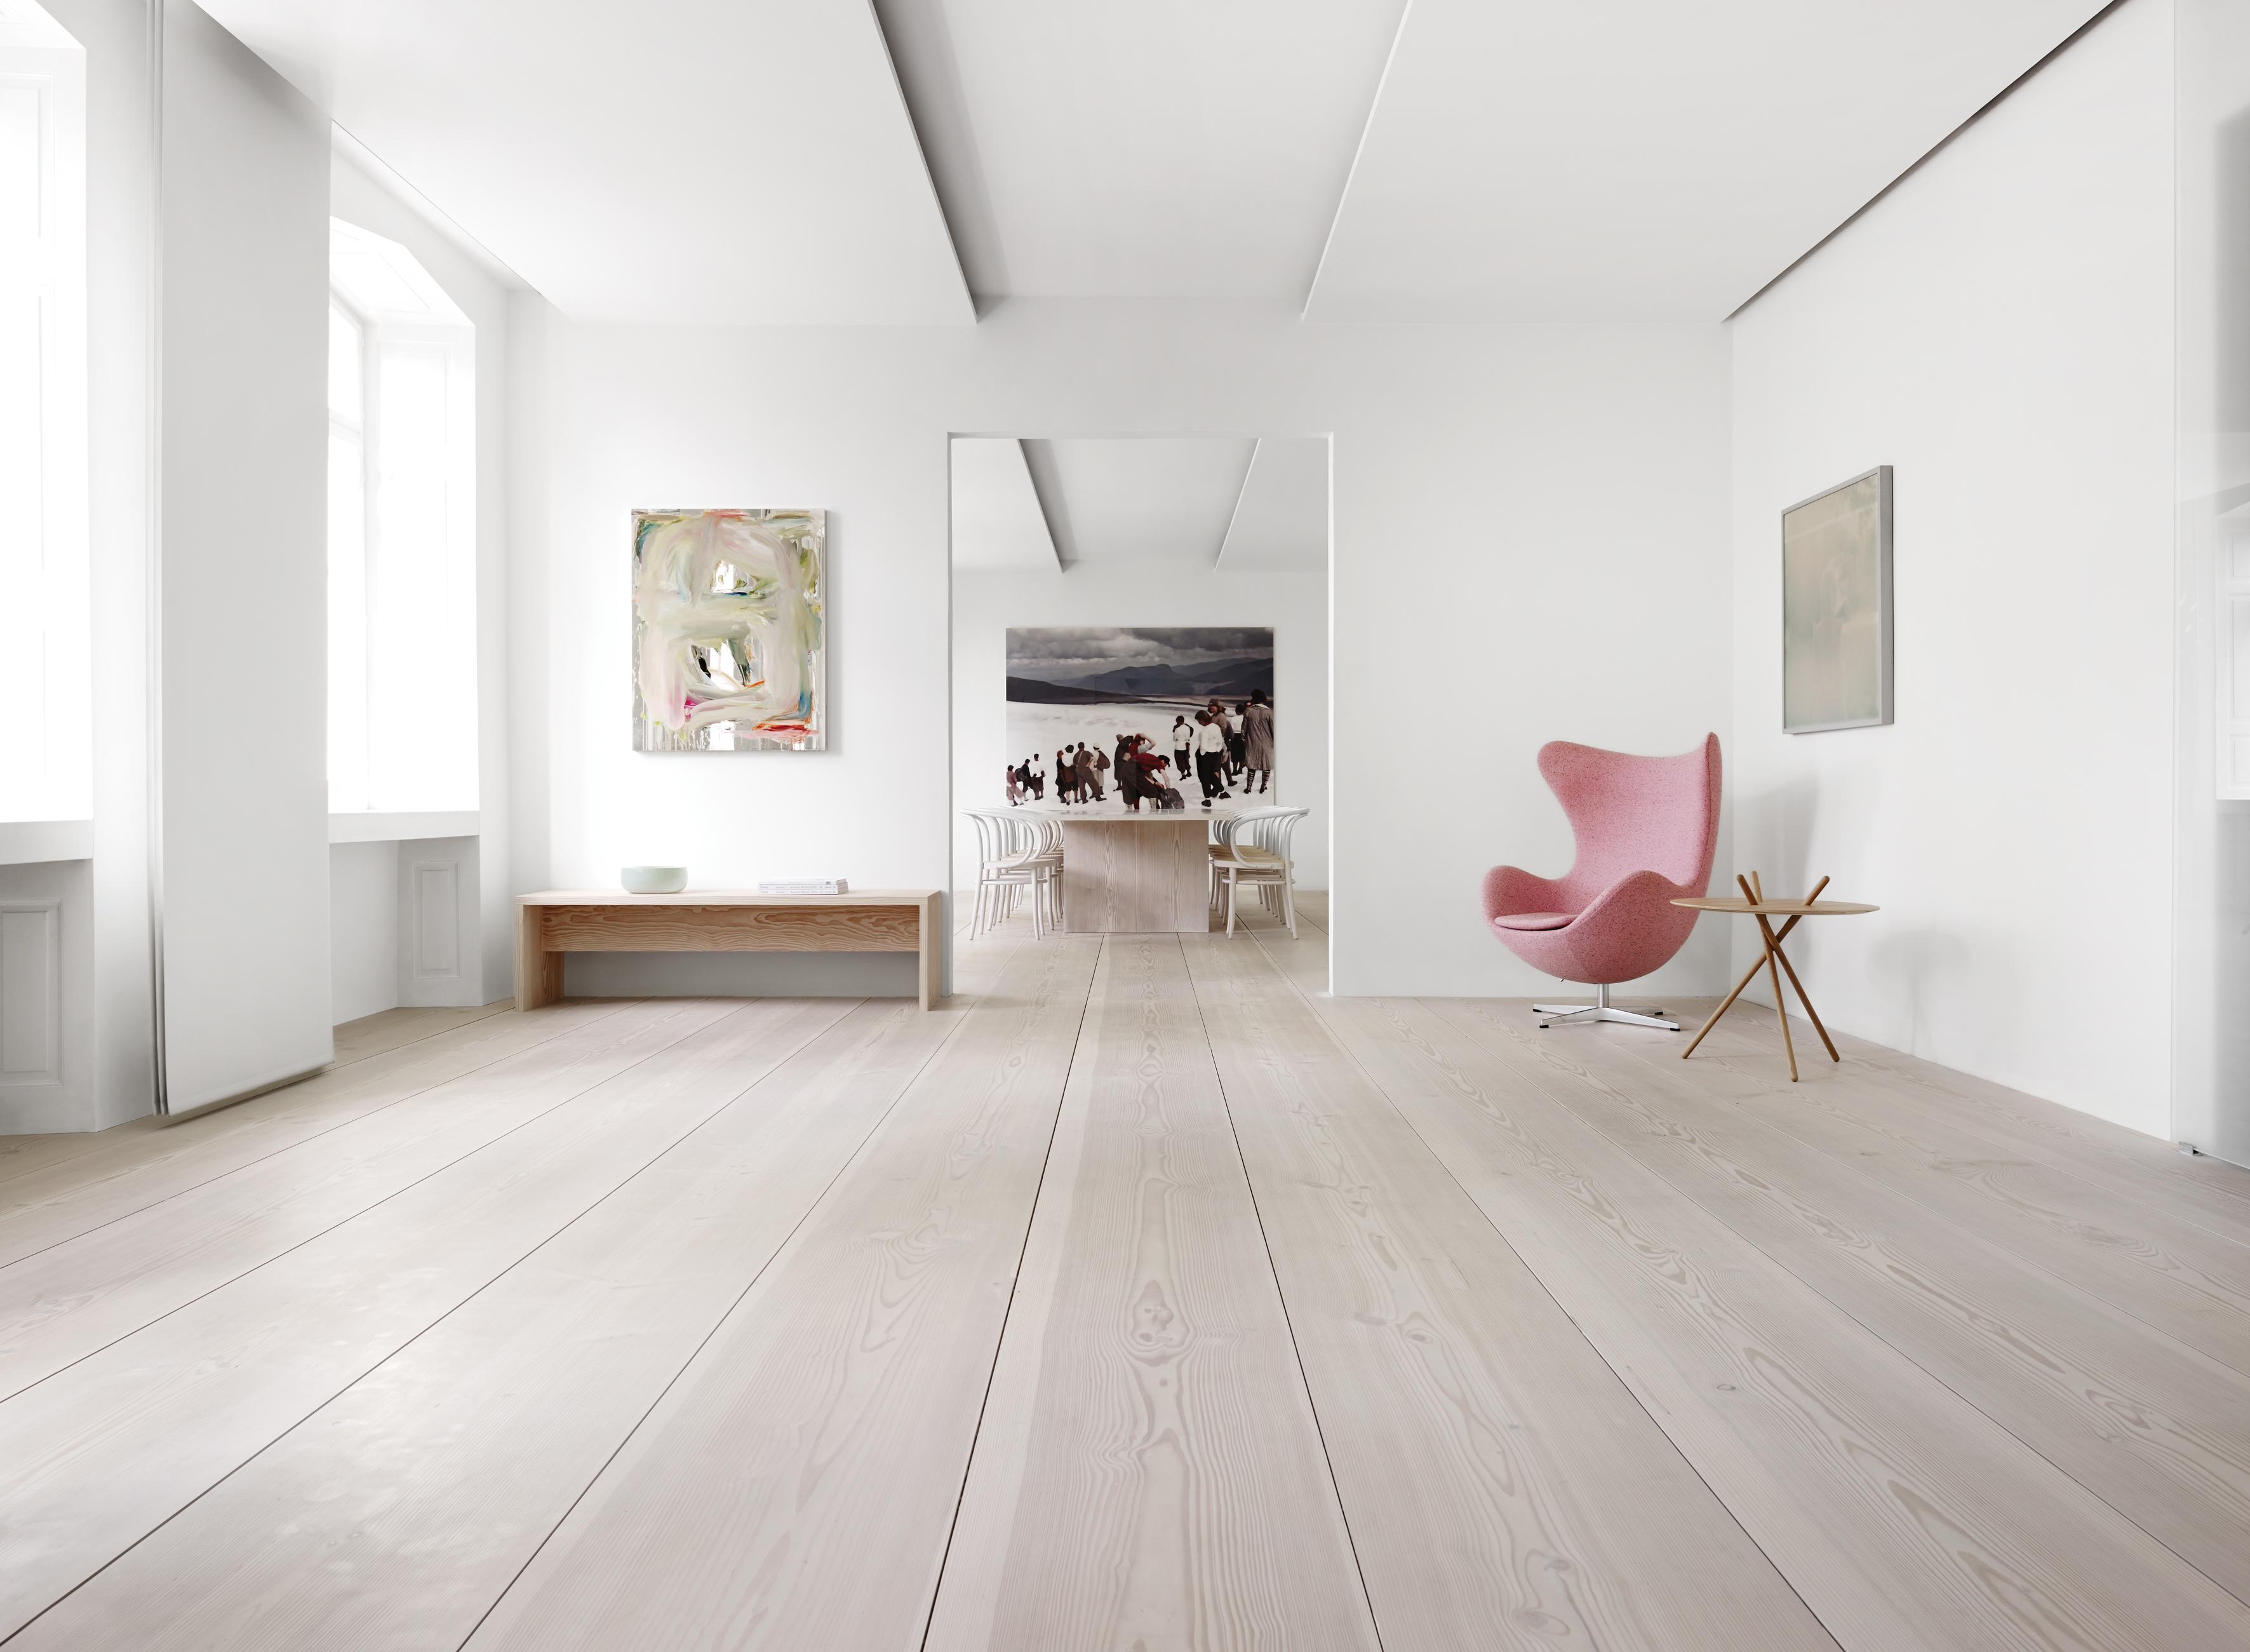 douglasie rauml ngen von dinesen stylepark. Black Bedroom Furniture Sets. Home Design Ideas